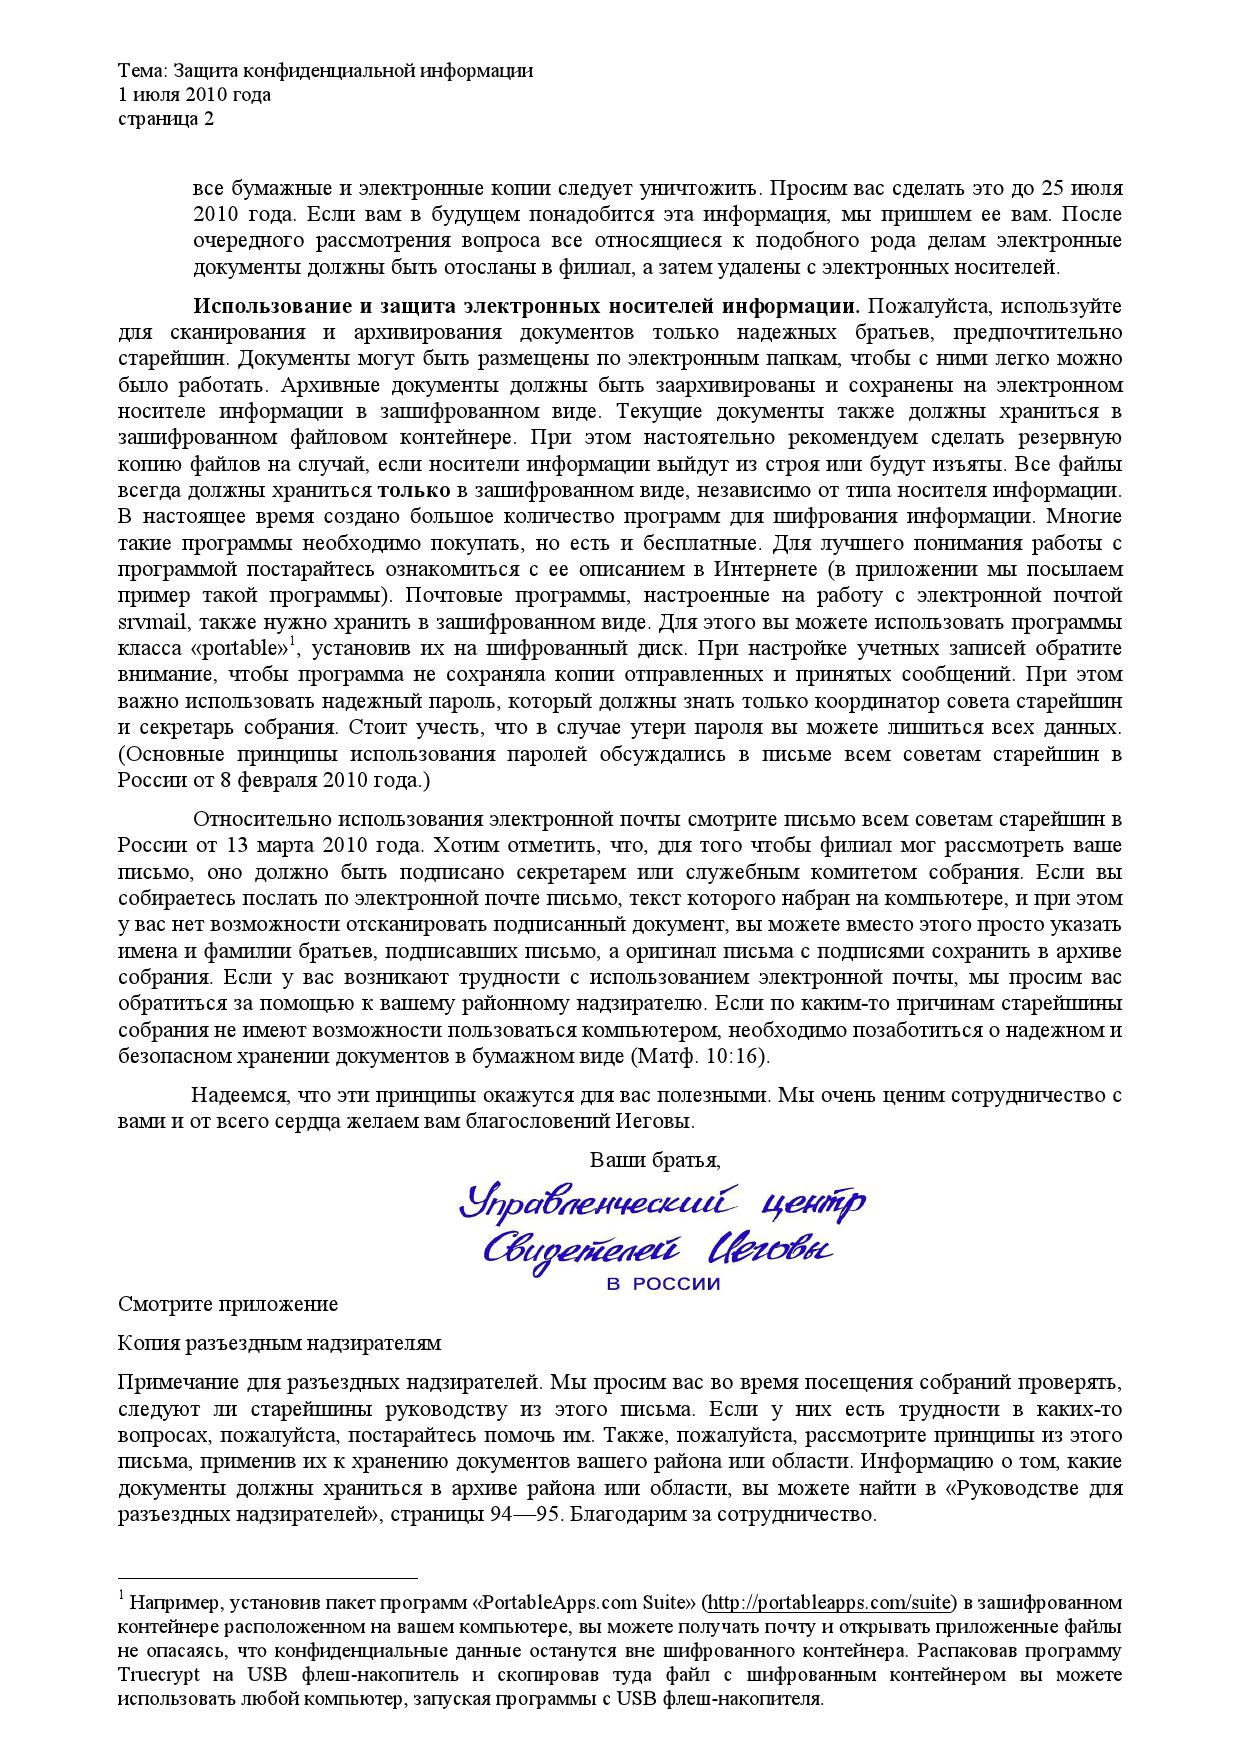 L-20100701-U-Rus-BOE (серьезные правовые дела - нейтралитет, исп.крови)_000002